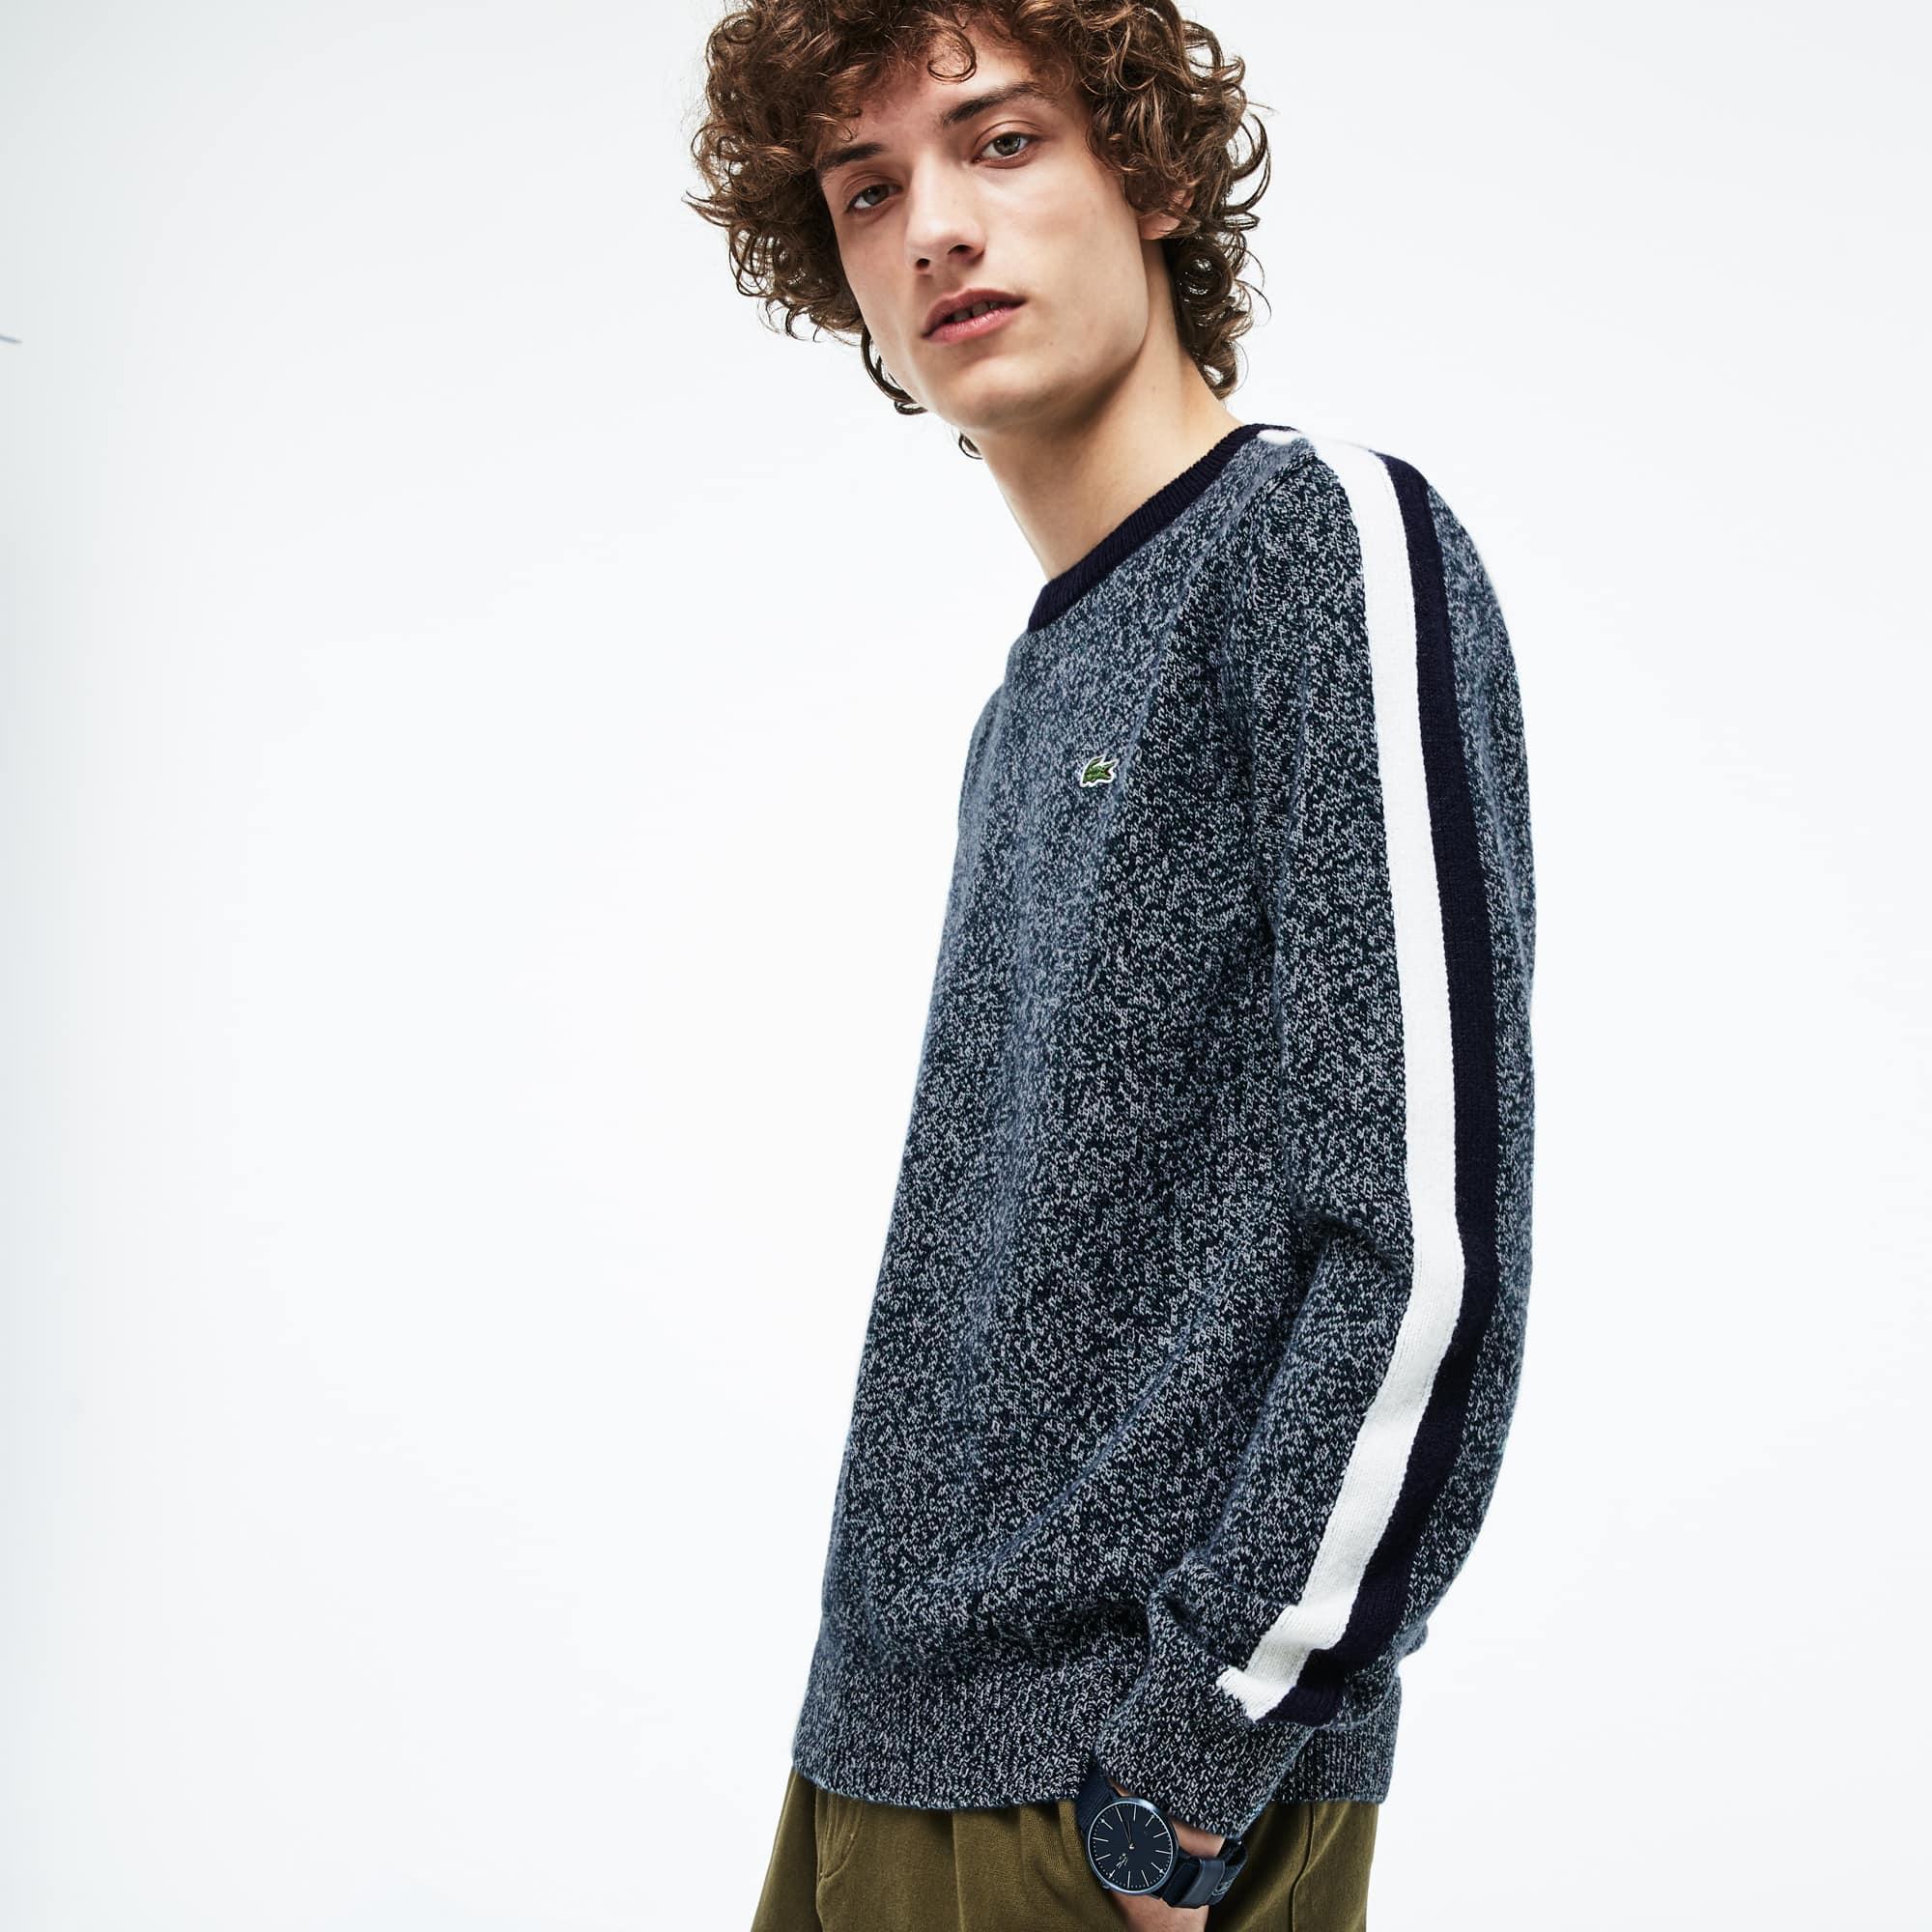 Camisola com decote redondo Made in France em jersey com faixas a contrastar